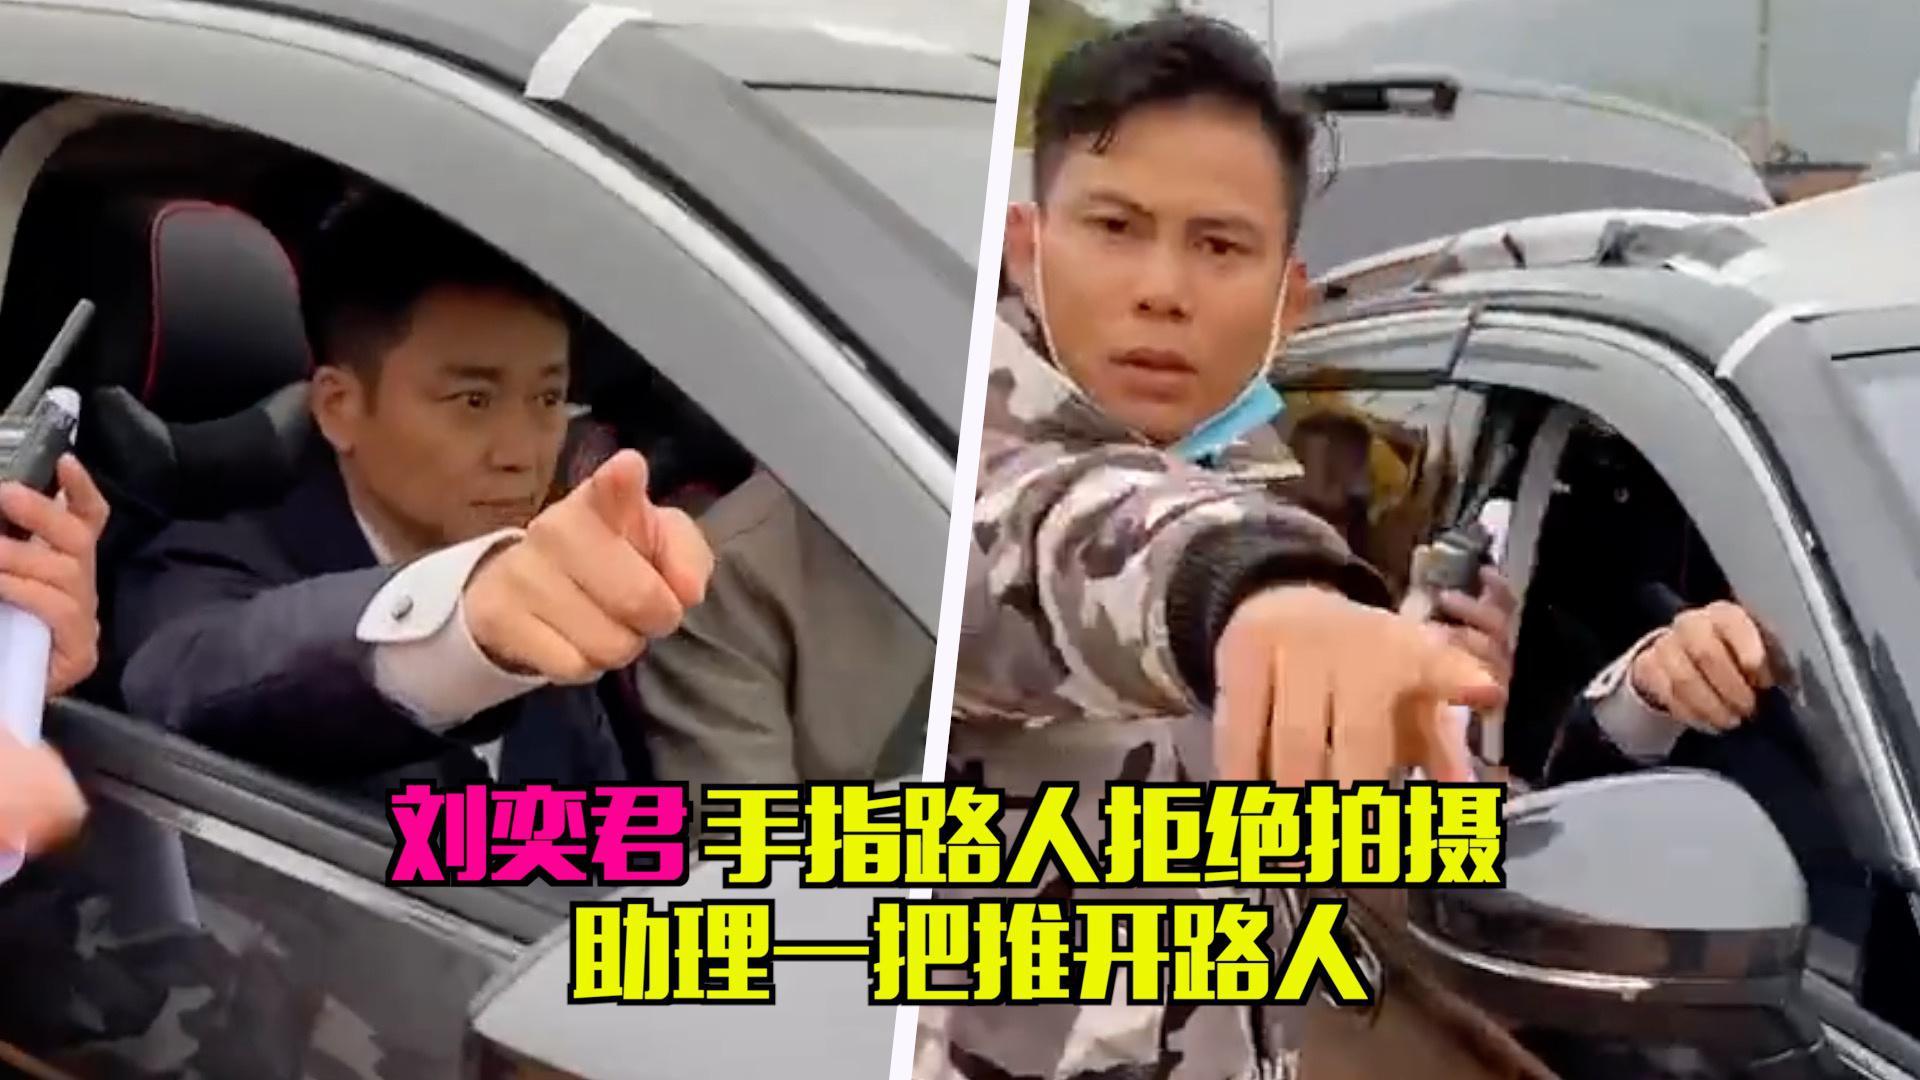 刘奕君遭路人拍摄,用手直指镜头表情不悦,助理一把推开路人